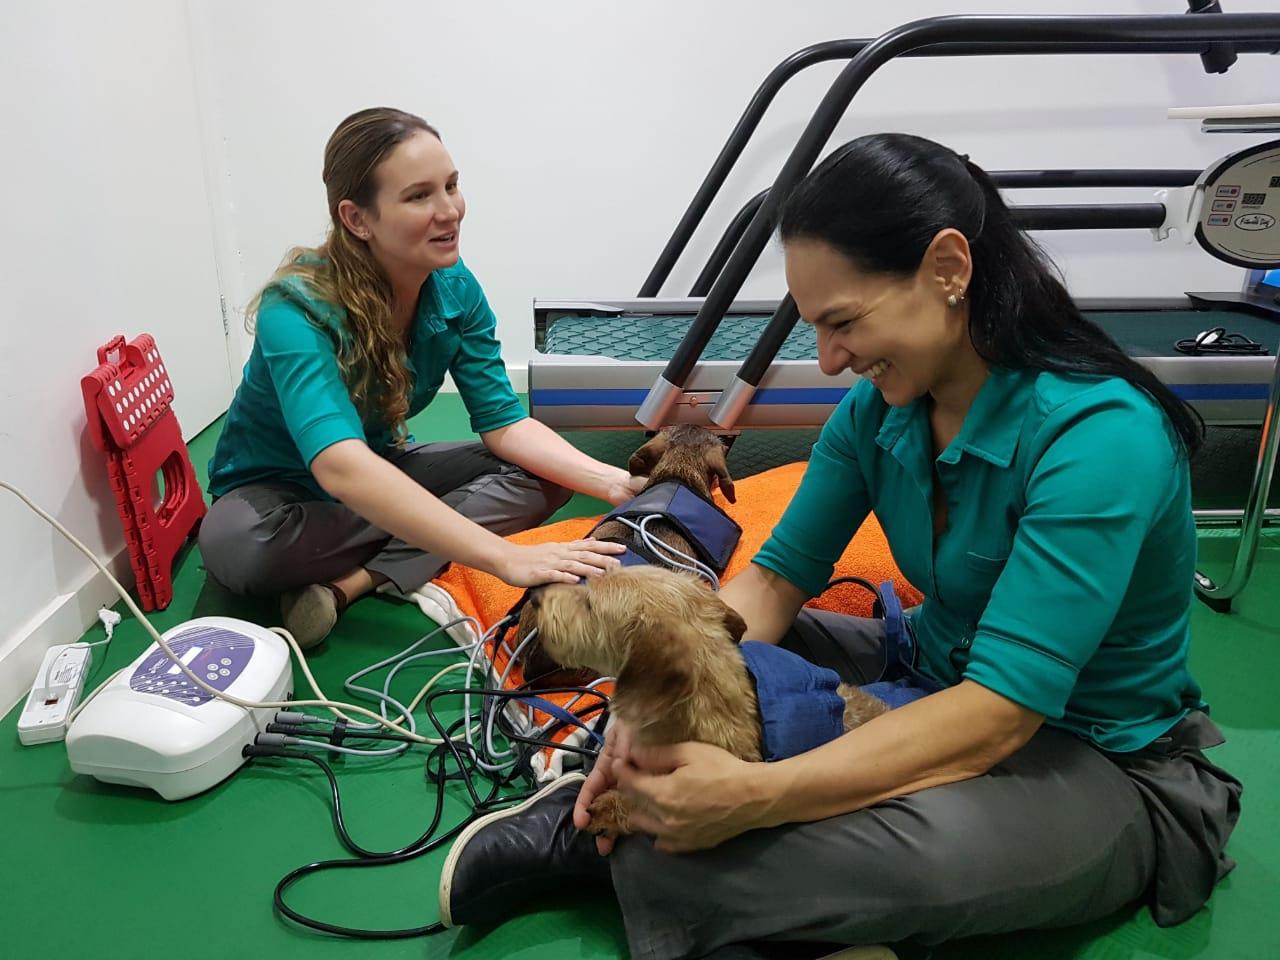 fisioterapia-veterinaria-como-funciona